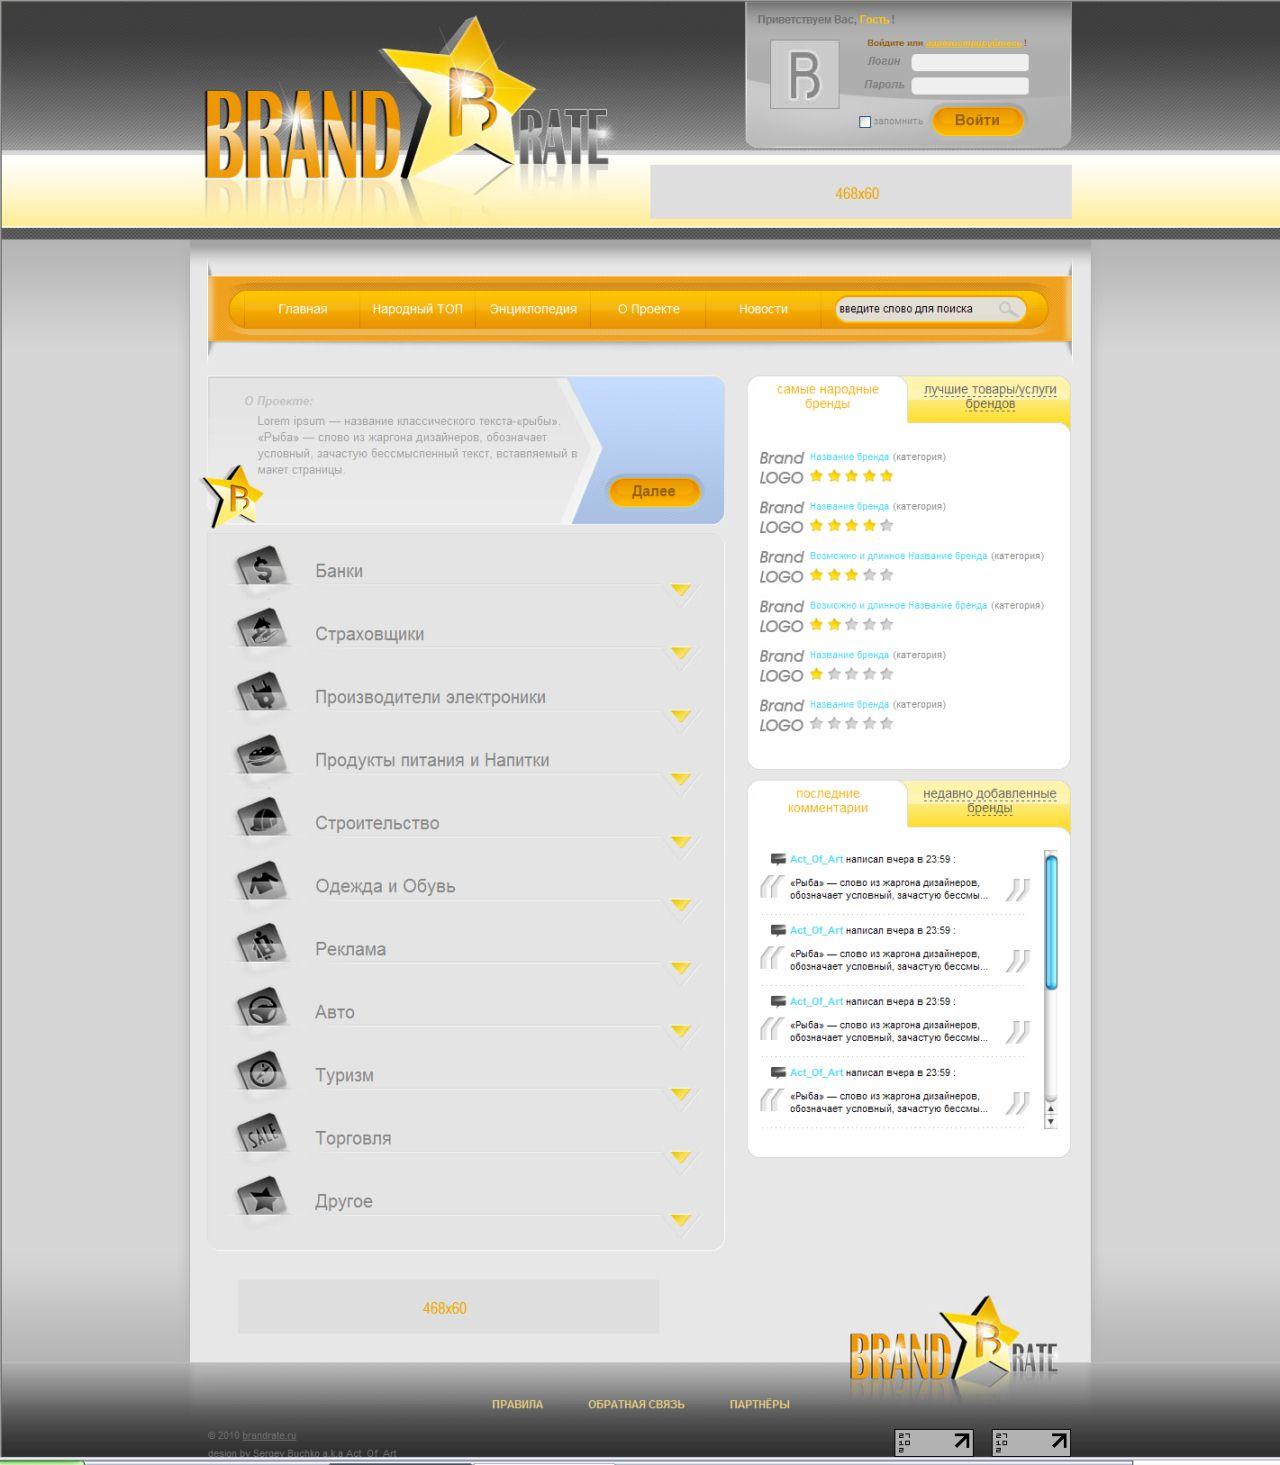 Сайт рейтинг брендов. Примеры на jquery